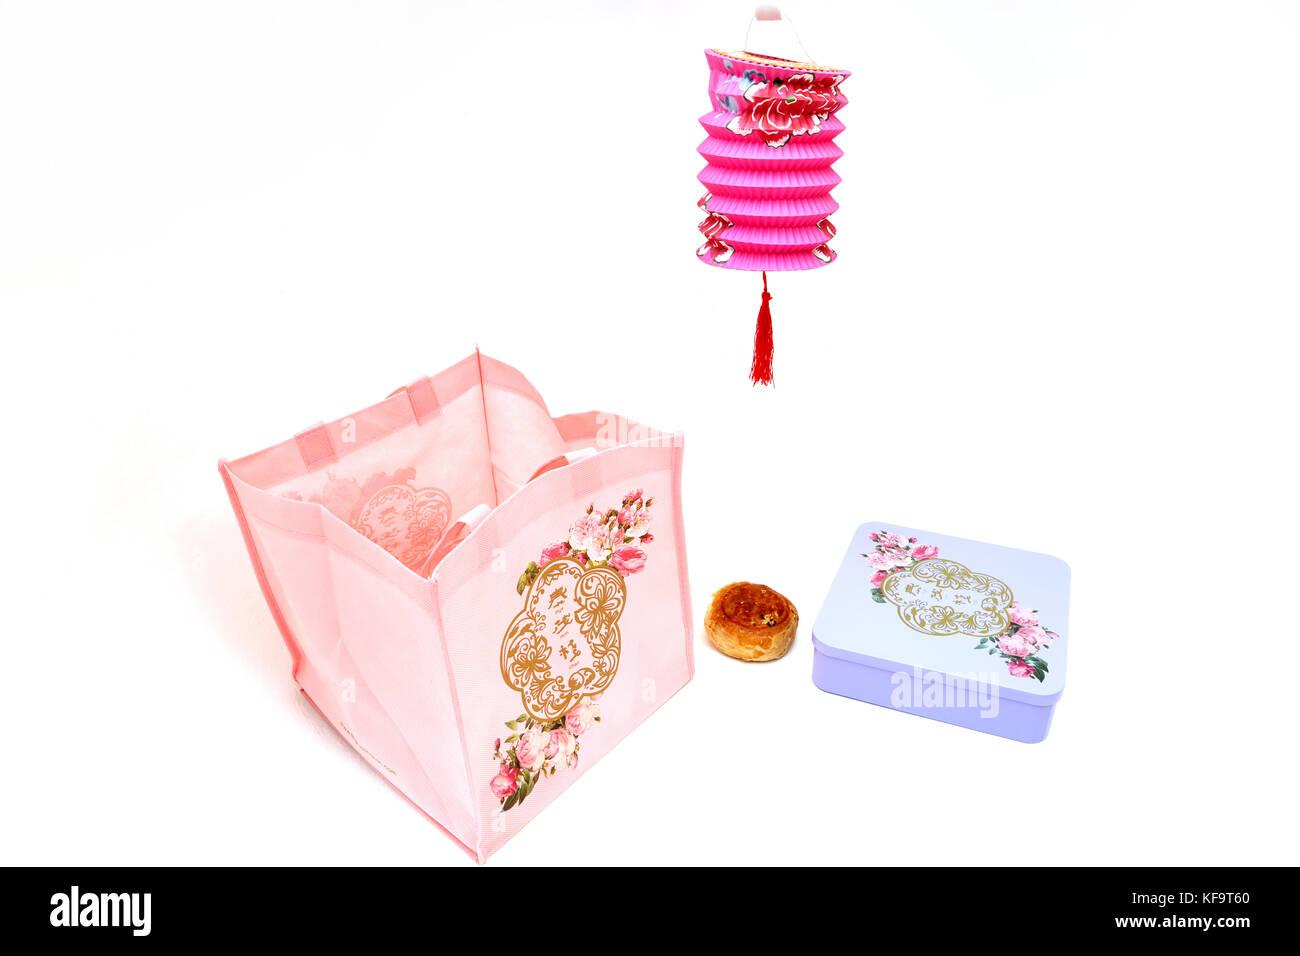 Mooncake Teochew Cadeau - Yuan Yang avec d'Œuf salé ,des gâteaux de l'étain, Thye Moh Chan Sac fourre-tout, et lampe chinoise Banque D'Images